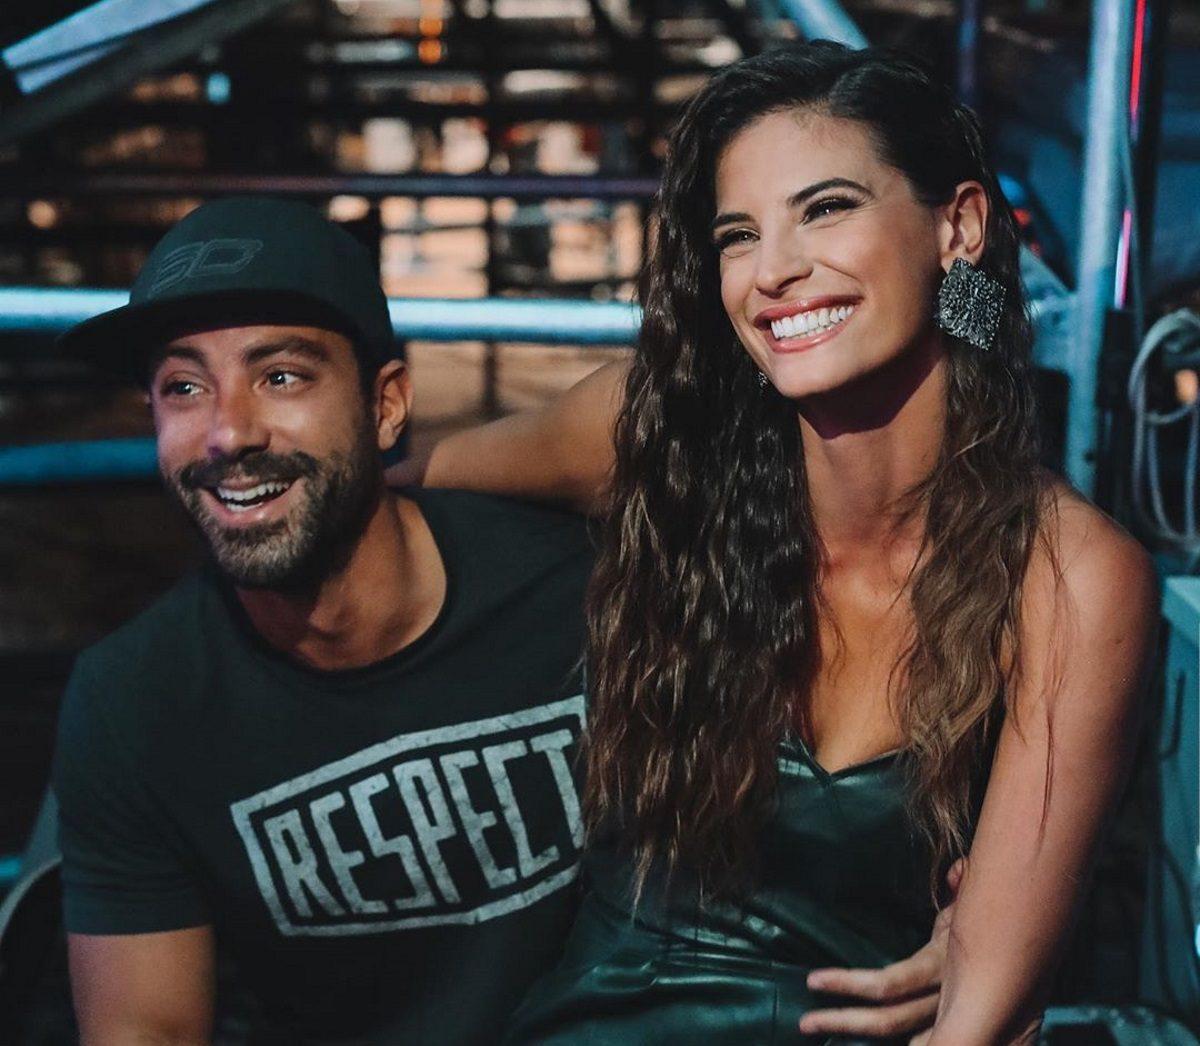 Χριστίνα Μπόμπα – Σάκης Τανιμανίδης: Πού διασκέδασαν εχθές το βράδυ; Video   tlife.gr